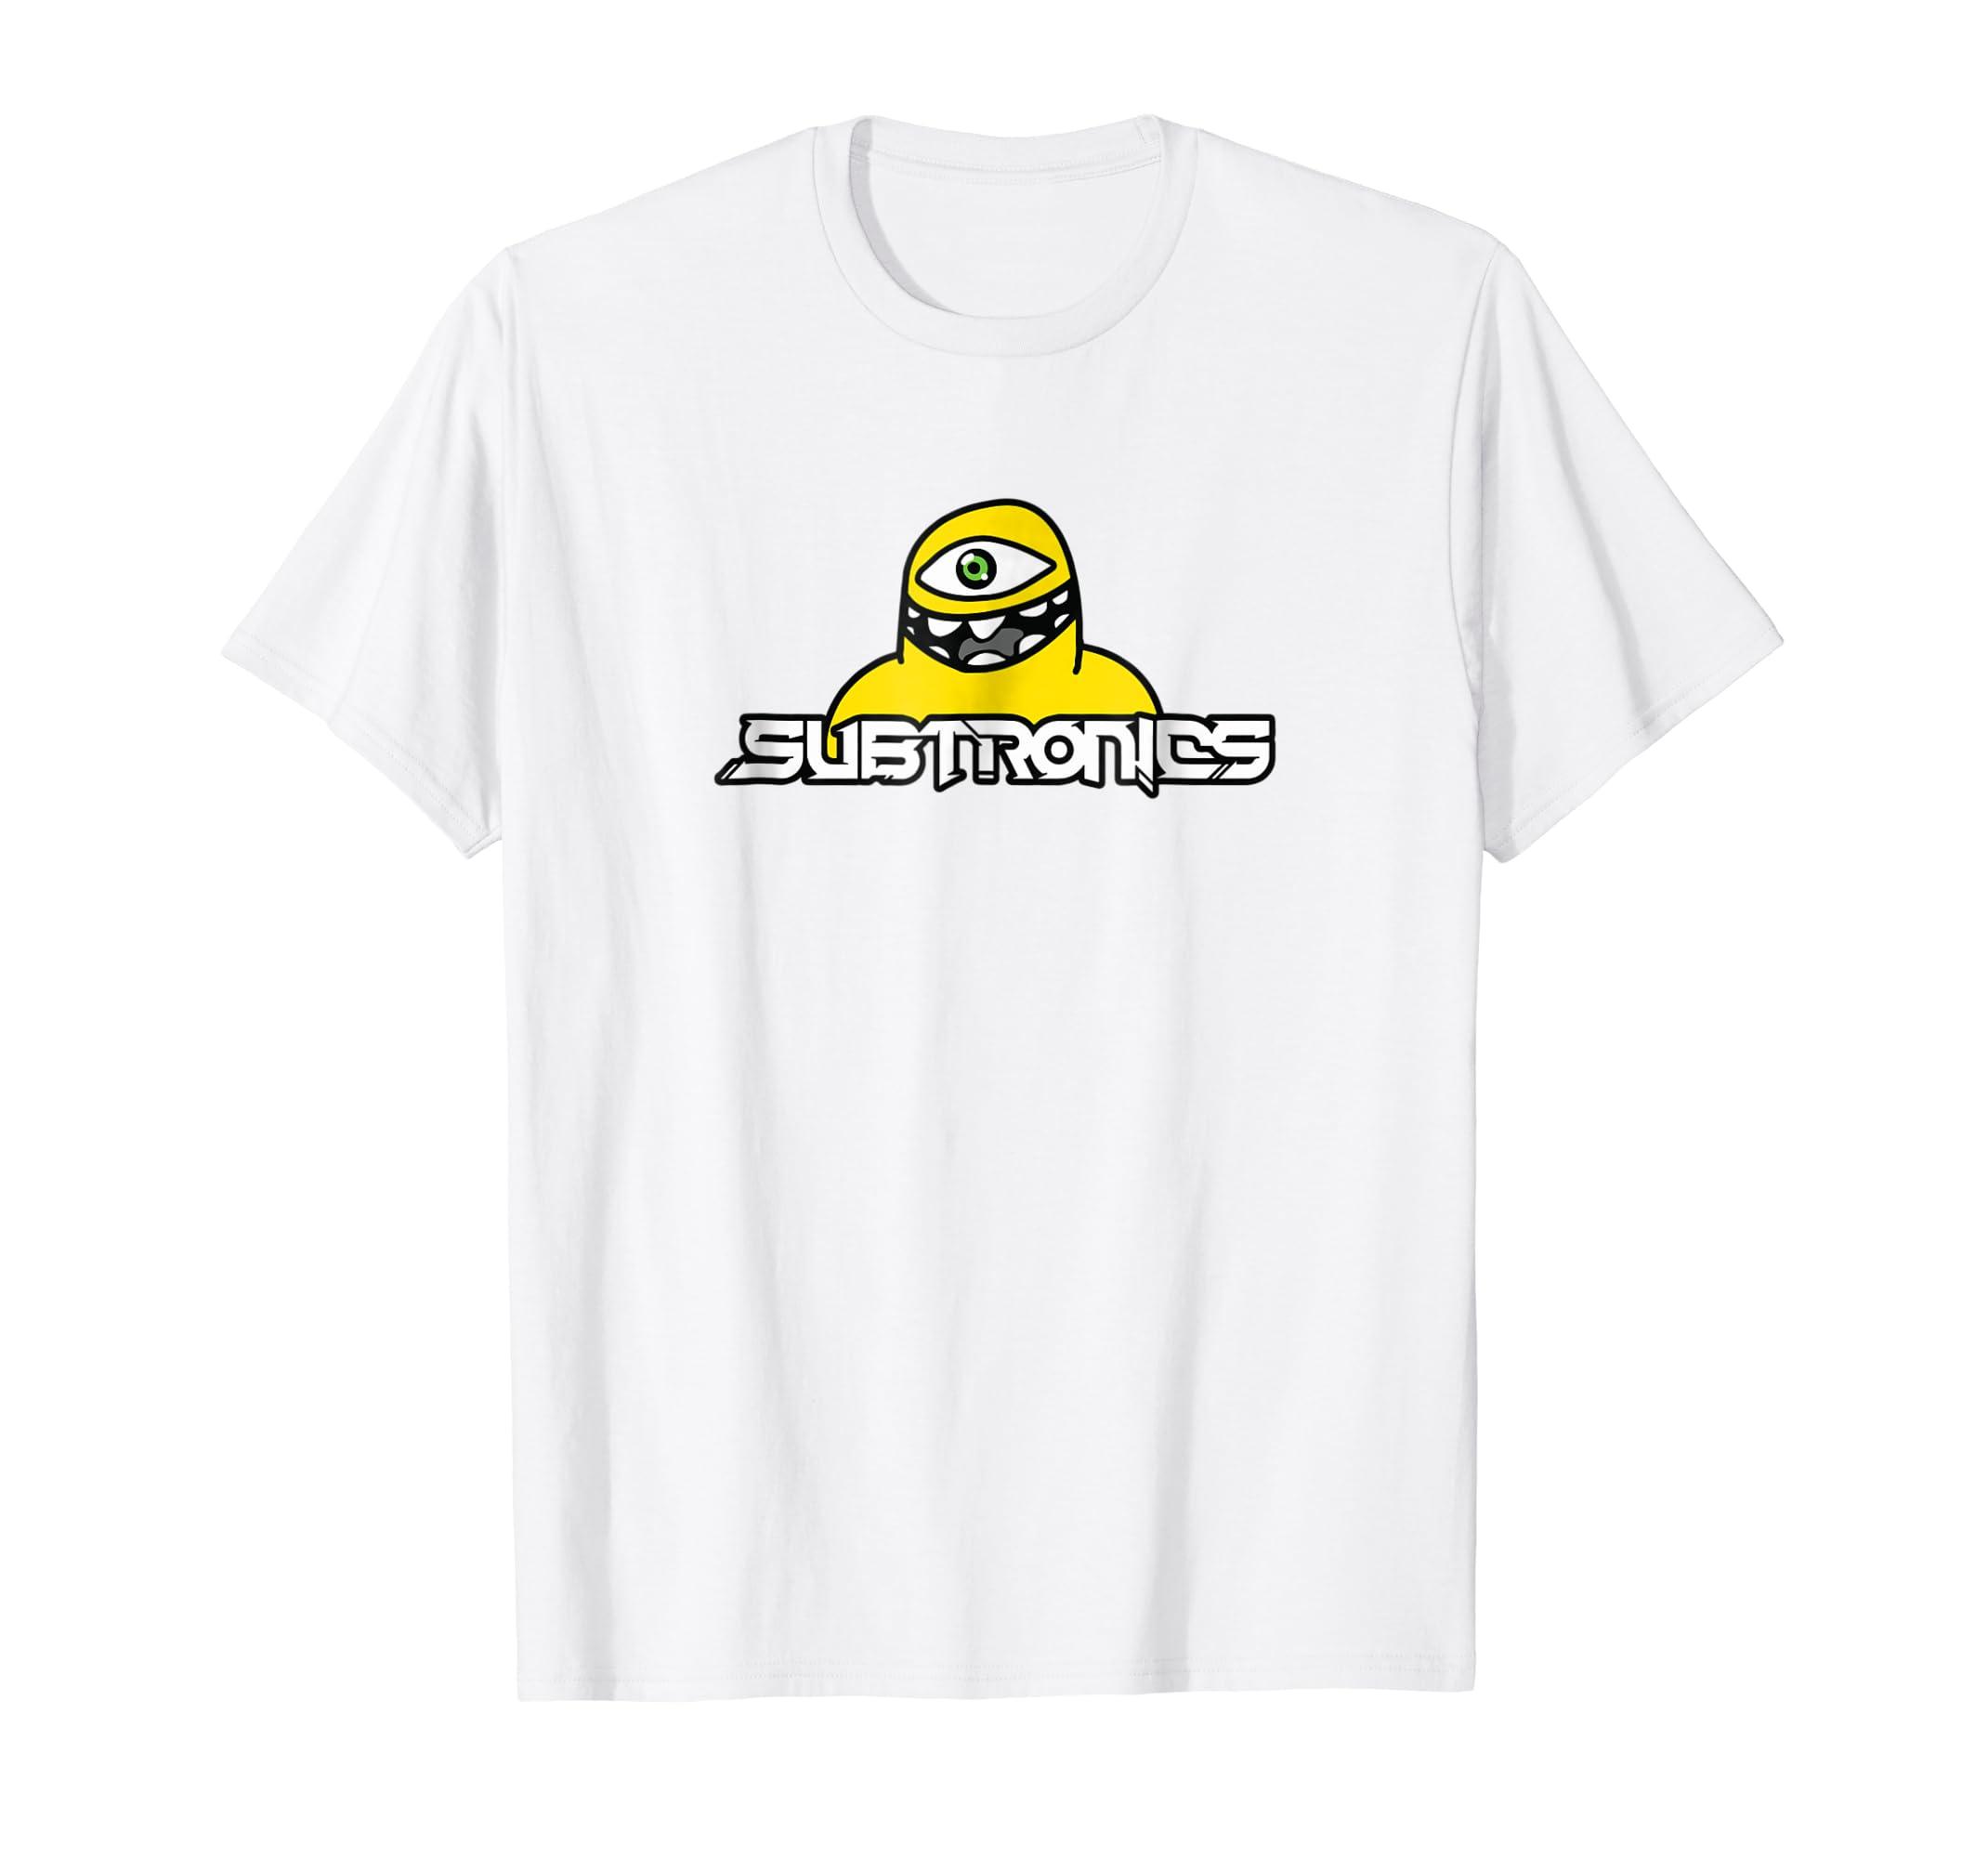 b029effc subtronics shirt-azvn – Anzvntee